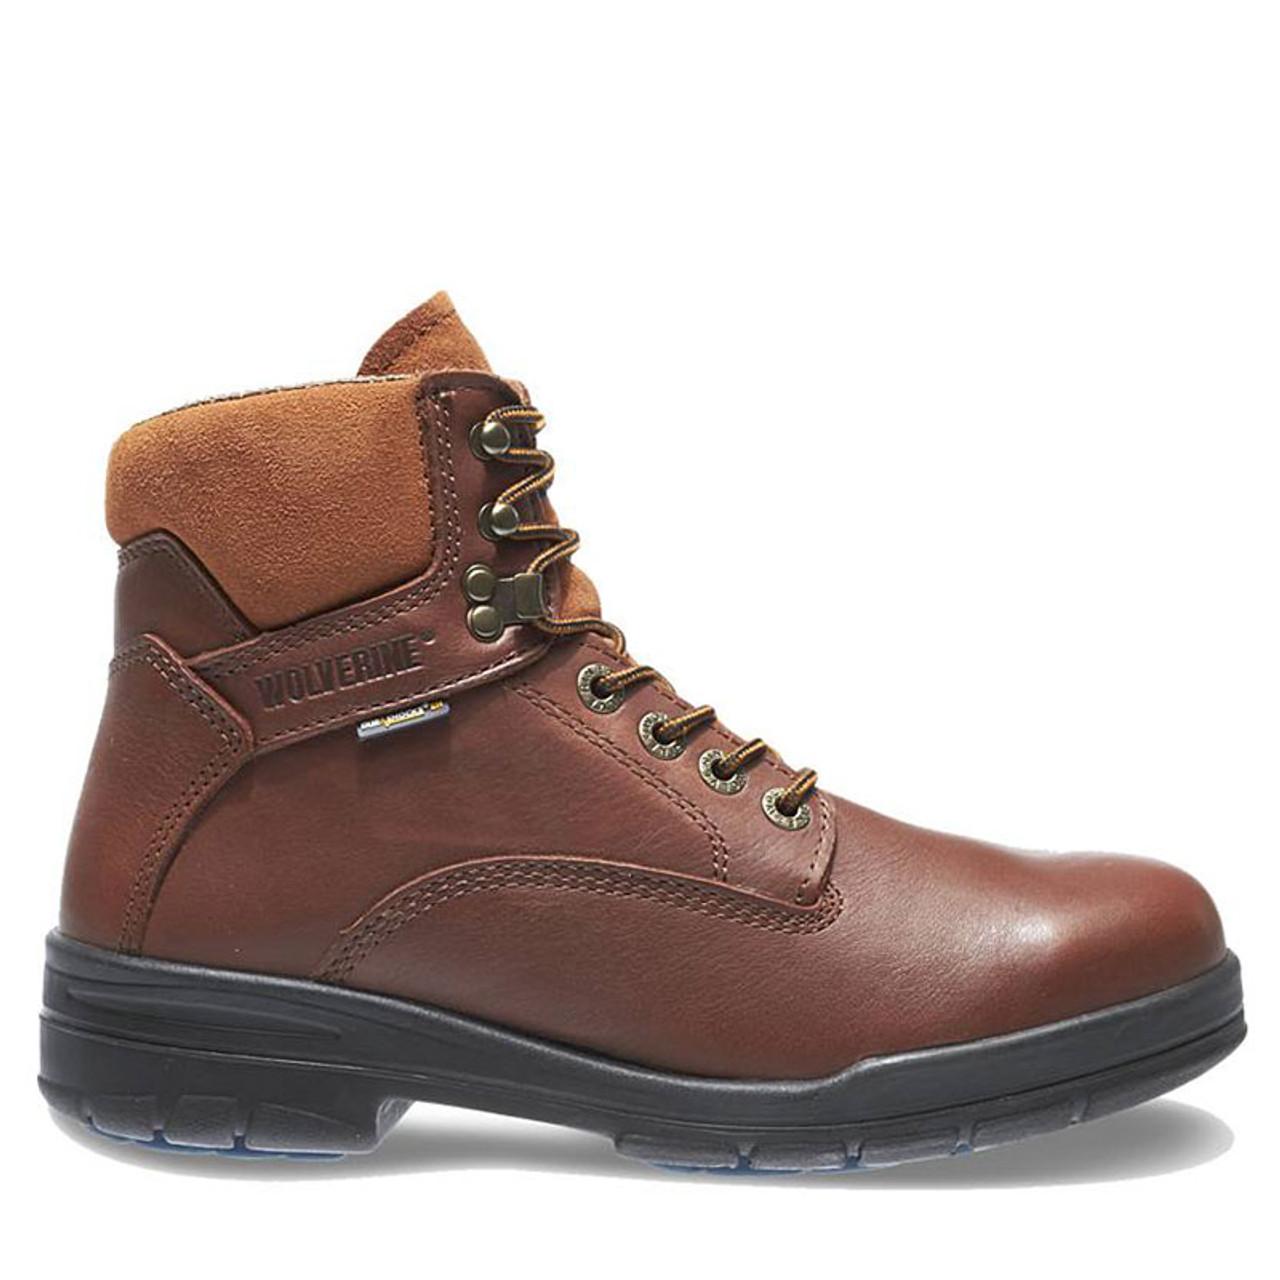 9e051e30ec1 Wolverine W03120 DURASHOCKS DIRECT ATTACH Steel Toe Non-Insulated Work Boots